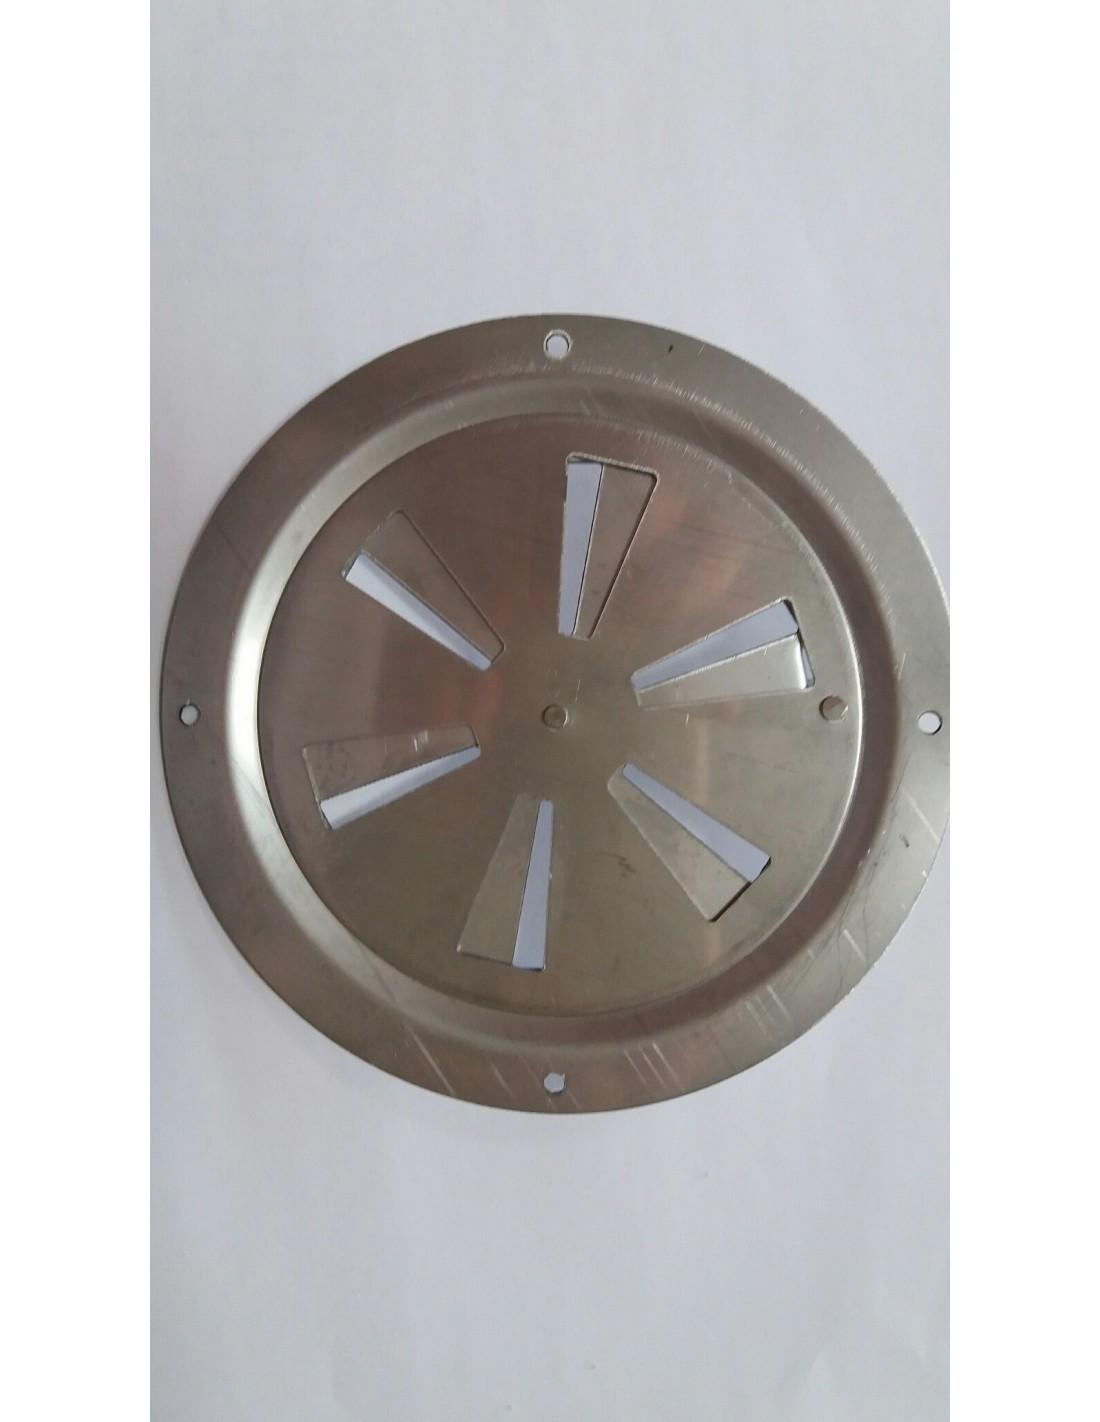 Rejilla redonda de ventilaci n regulable mm - Rejilla de ventilacion regulable ...